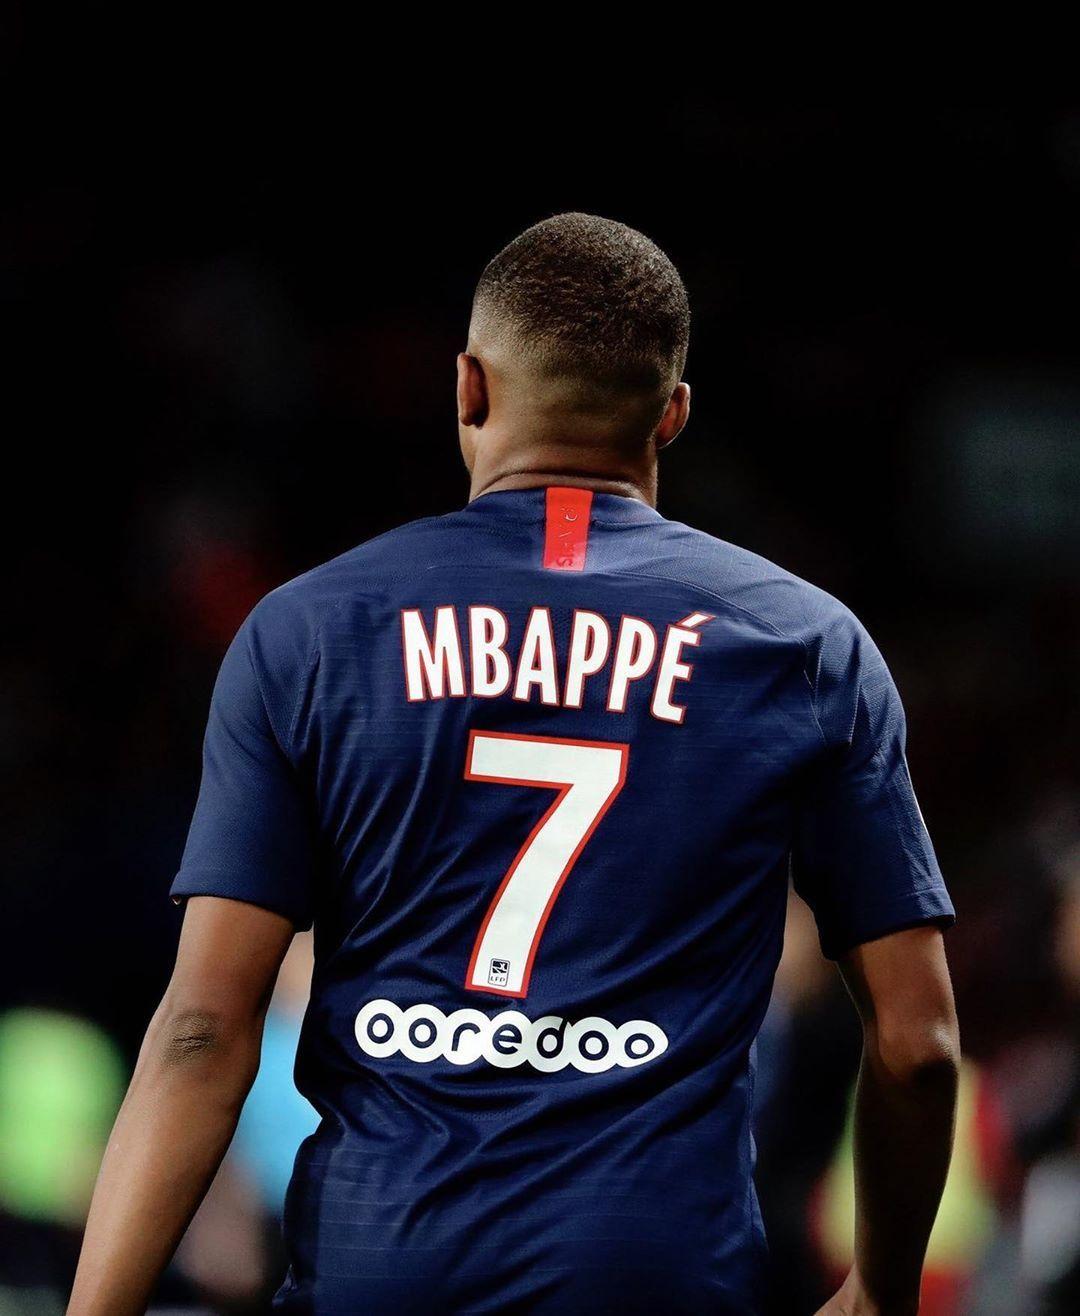 Kylian Mbappe On Instagram 7 Footballeur As Monaco